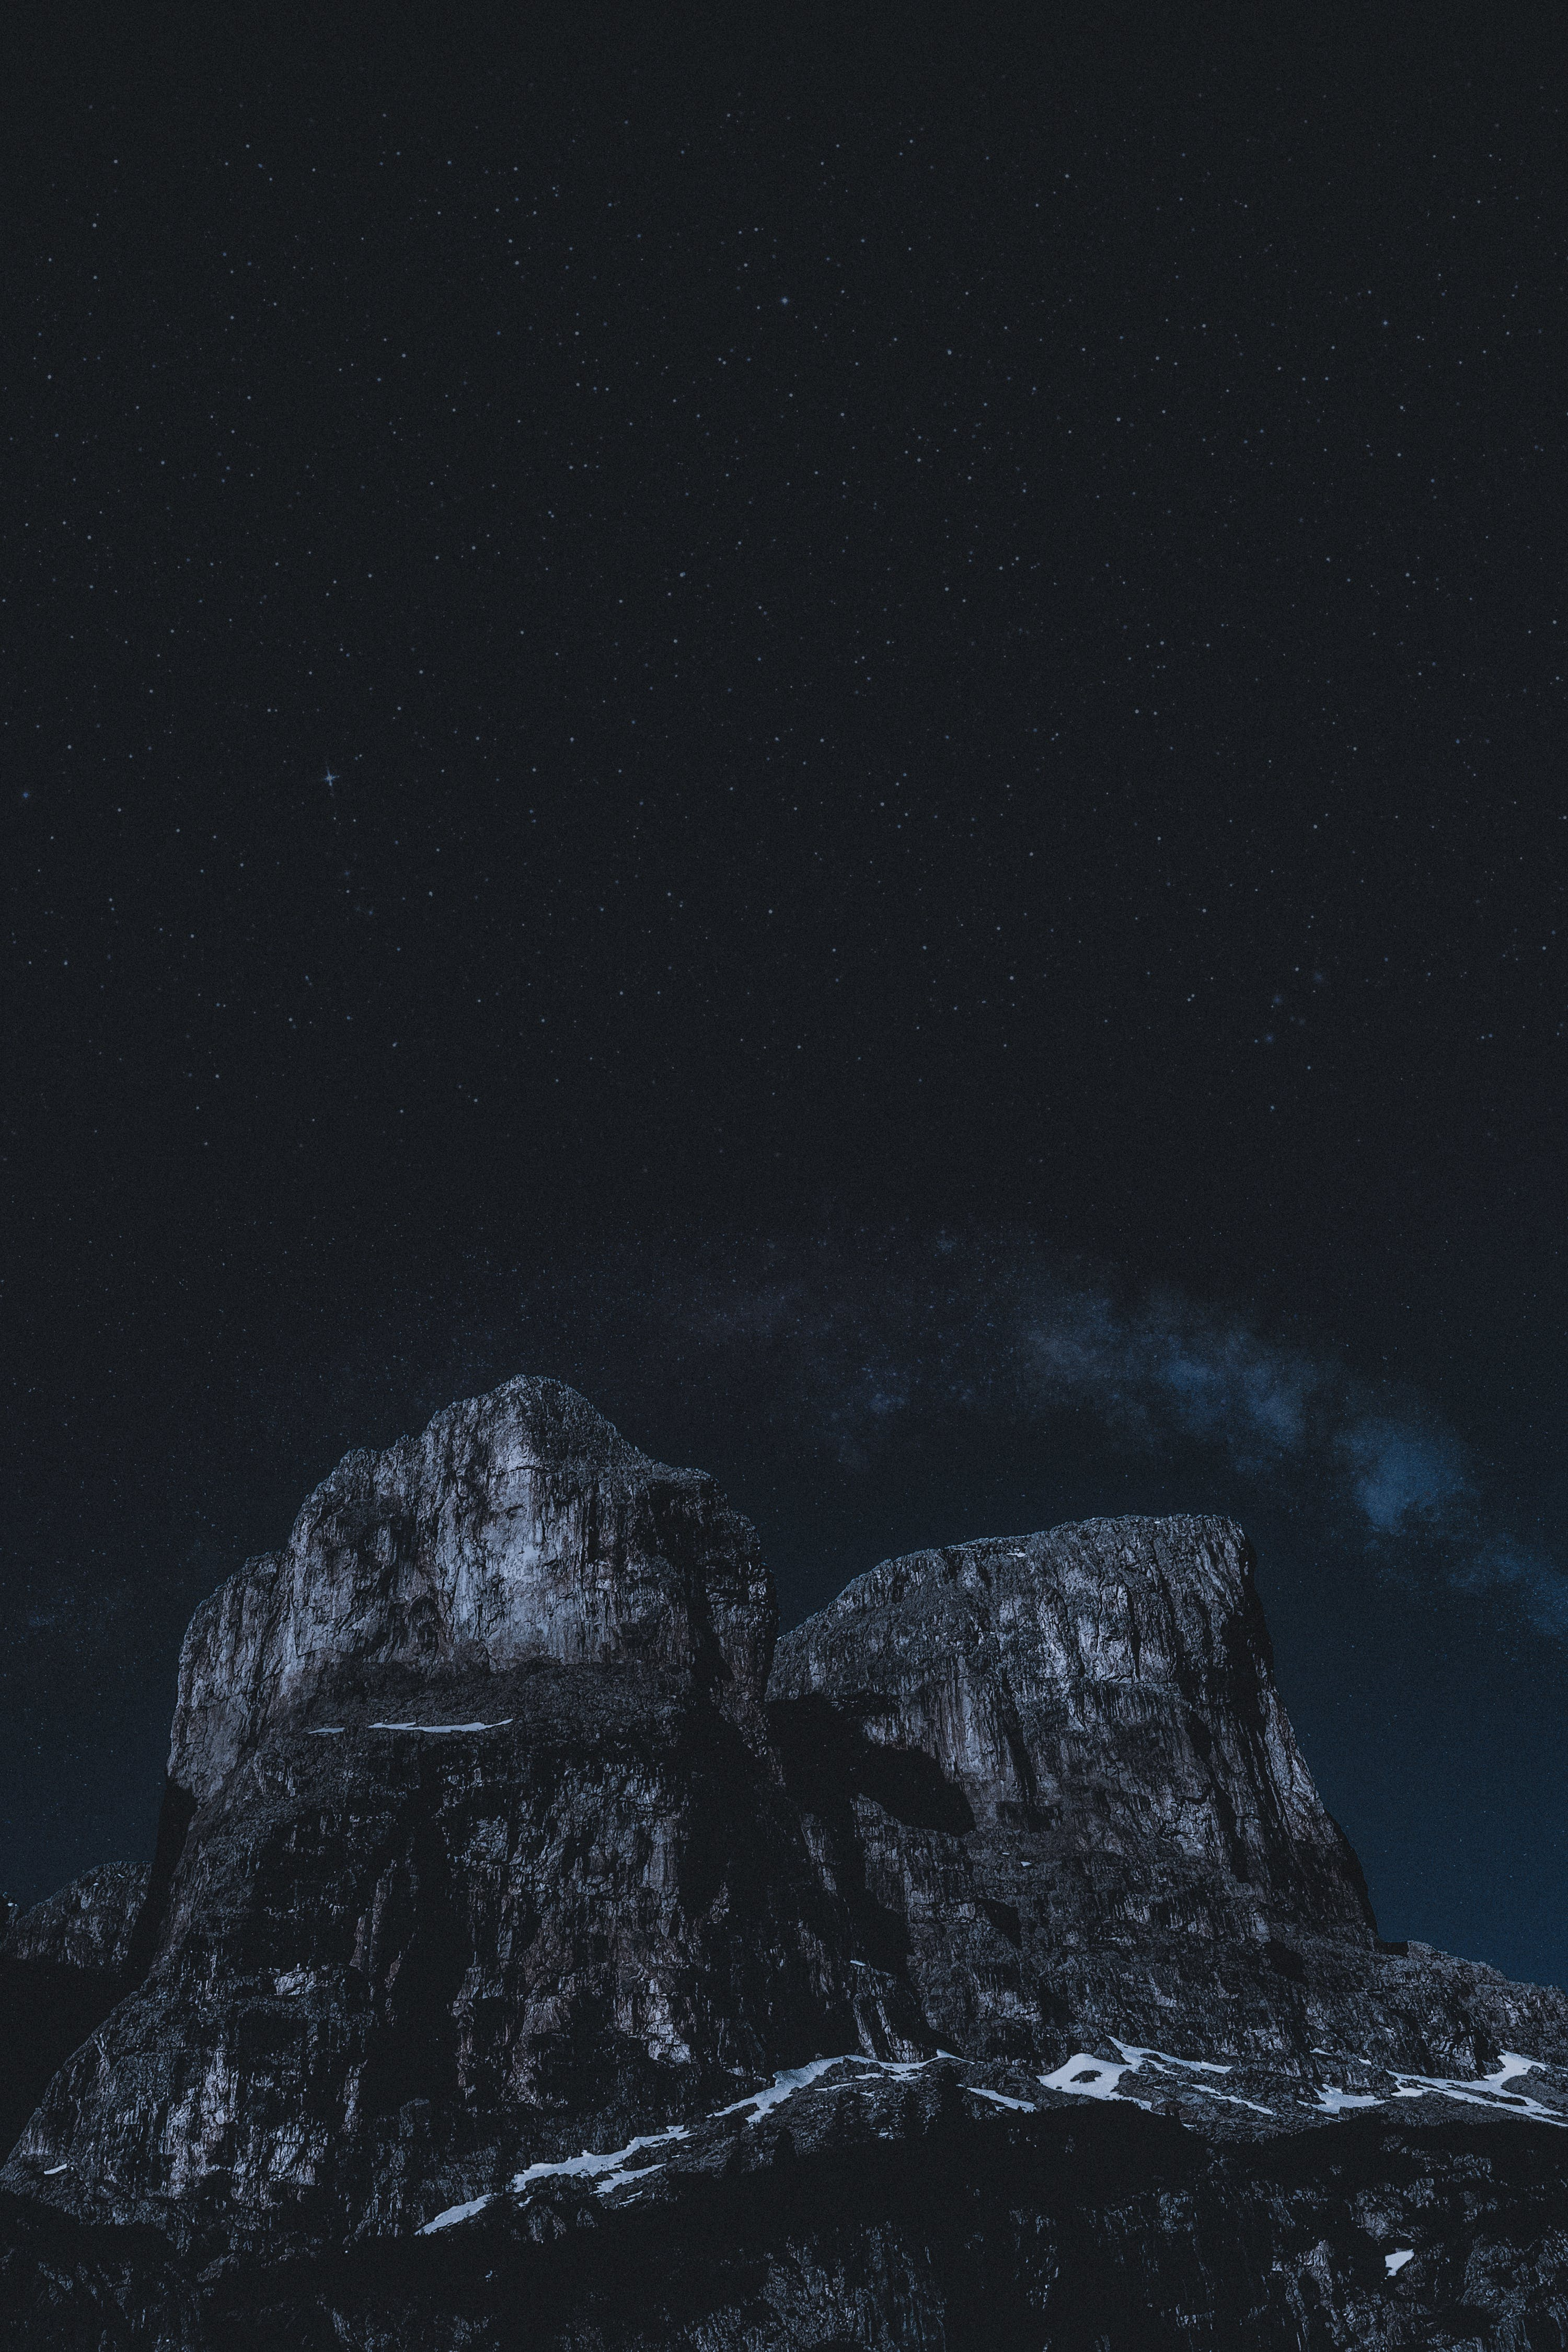 HD wallpaper с HD-обои, гора, звездное небо, звездный